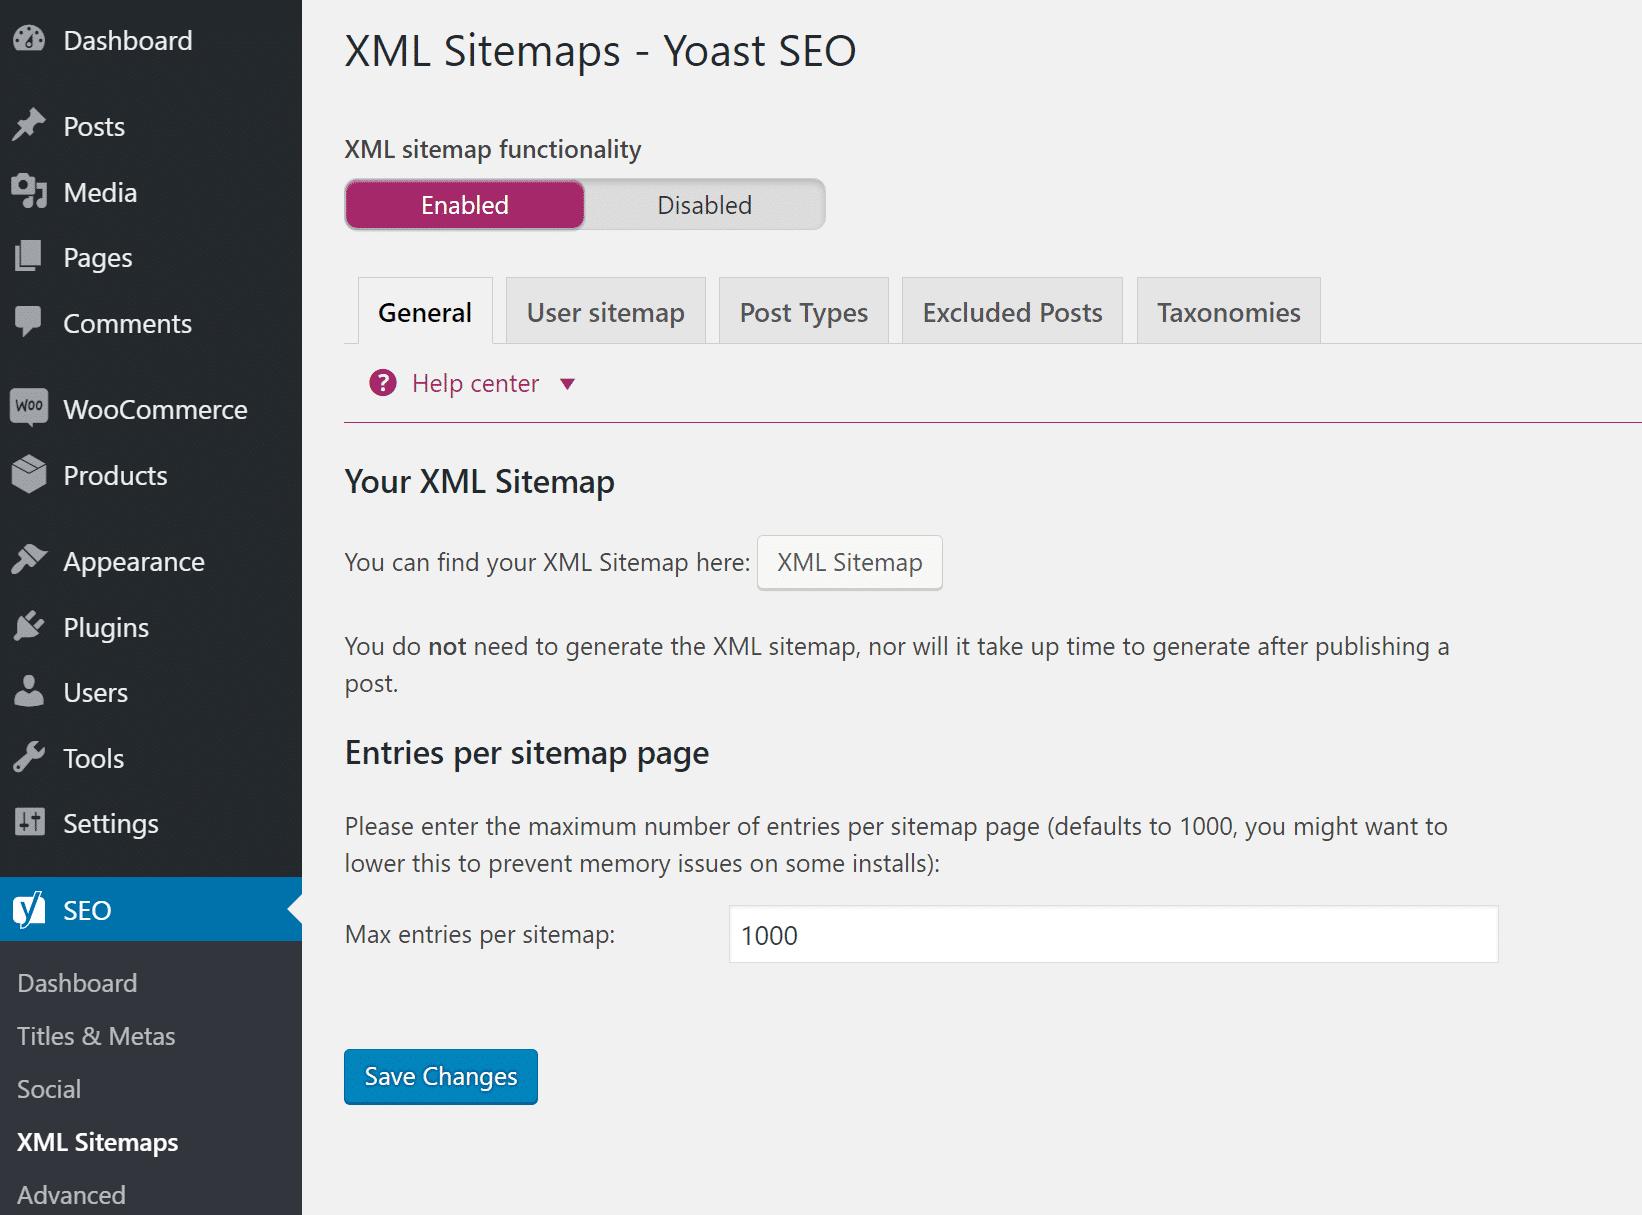 fichier xml sitemap wordpress